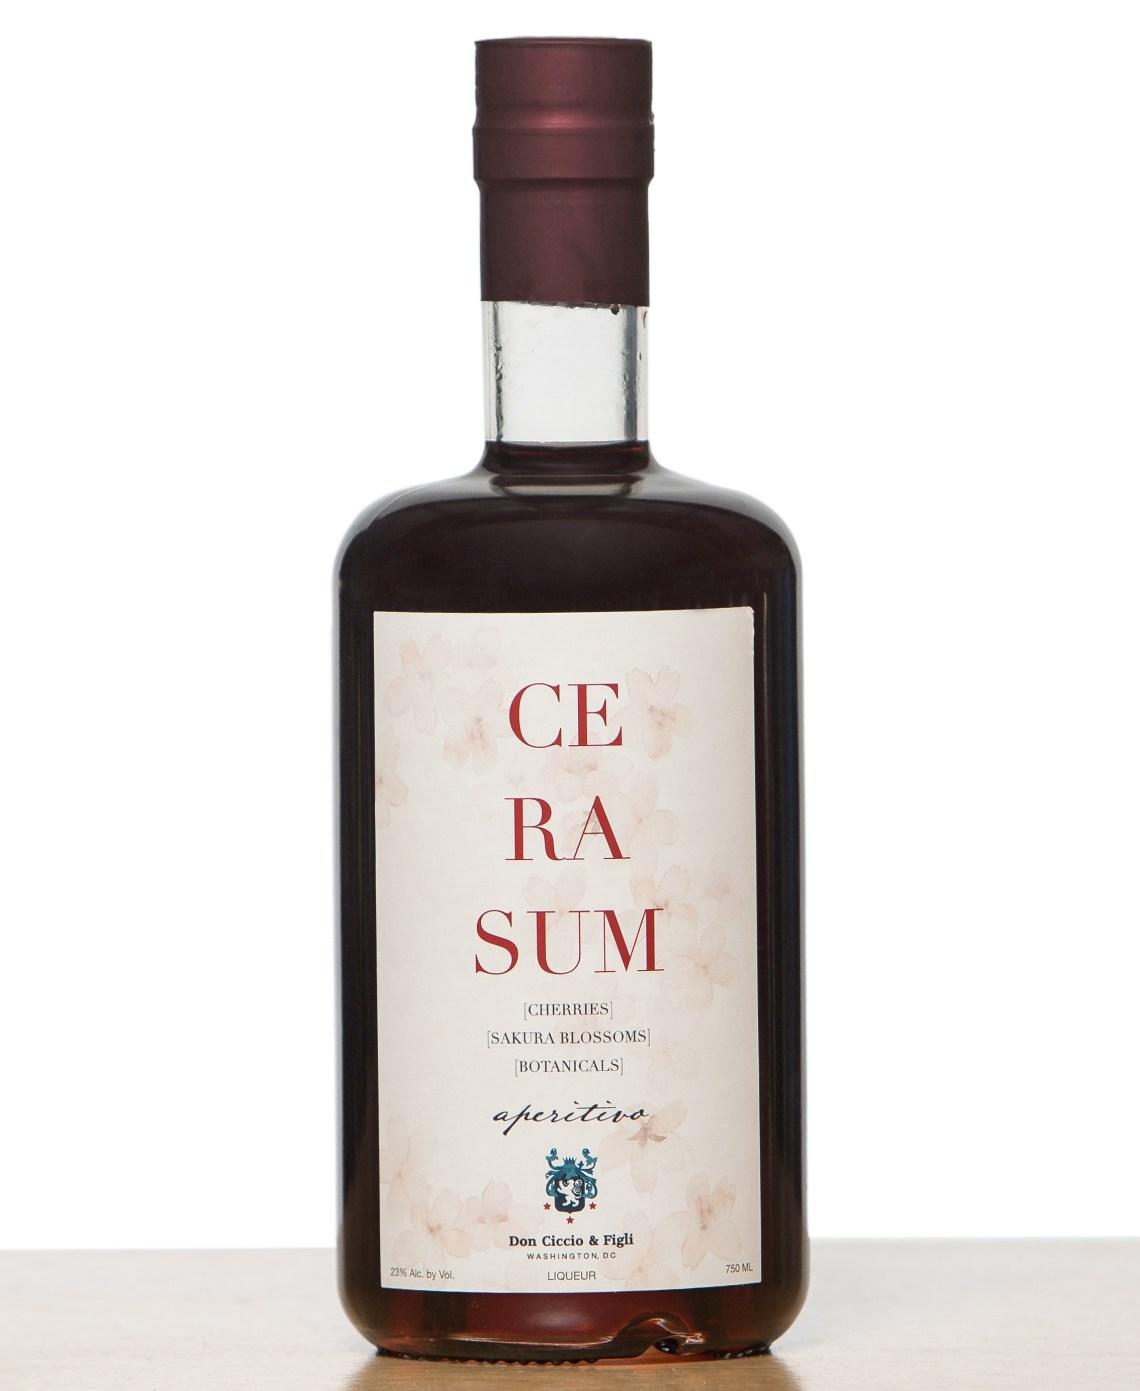 Don Ciccio & Figli Cerasum Cherry Liqueur